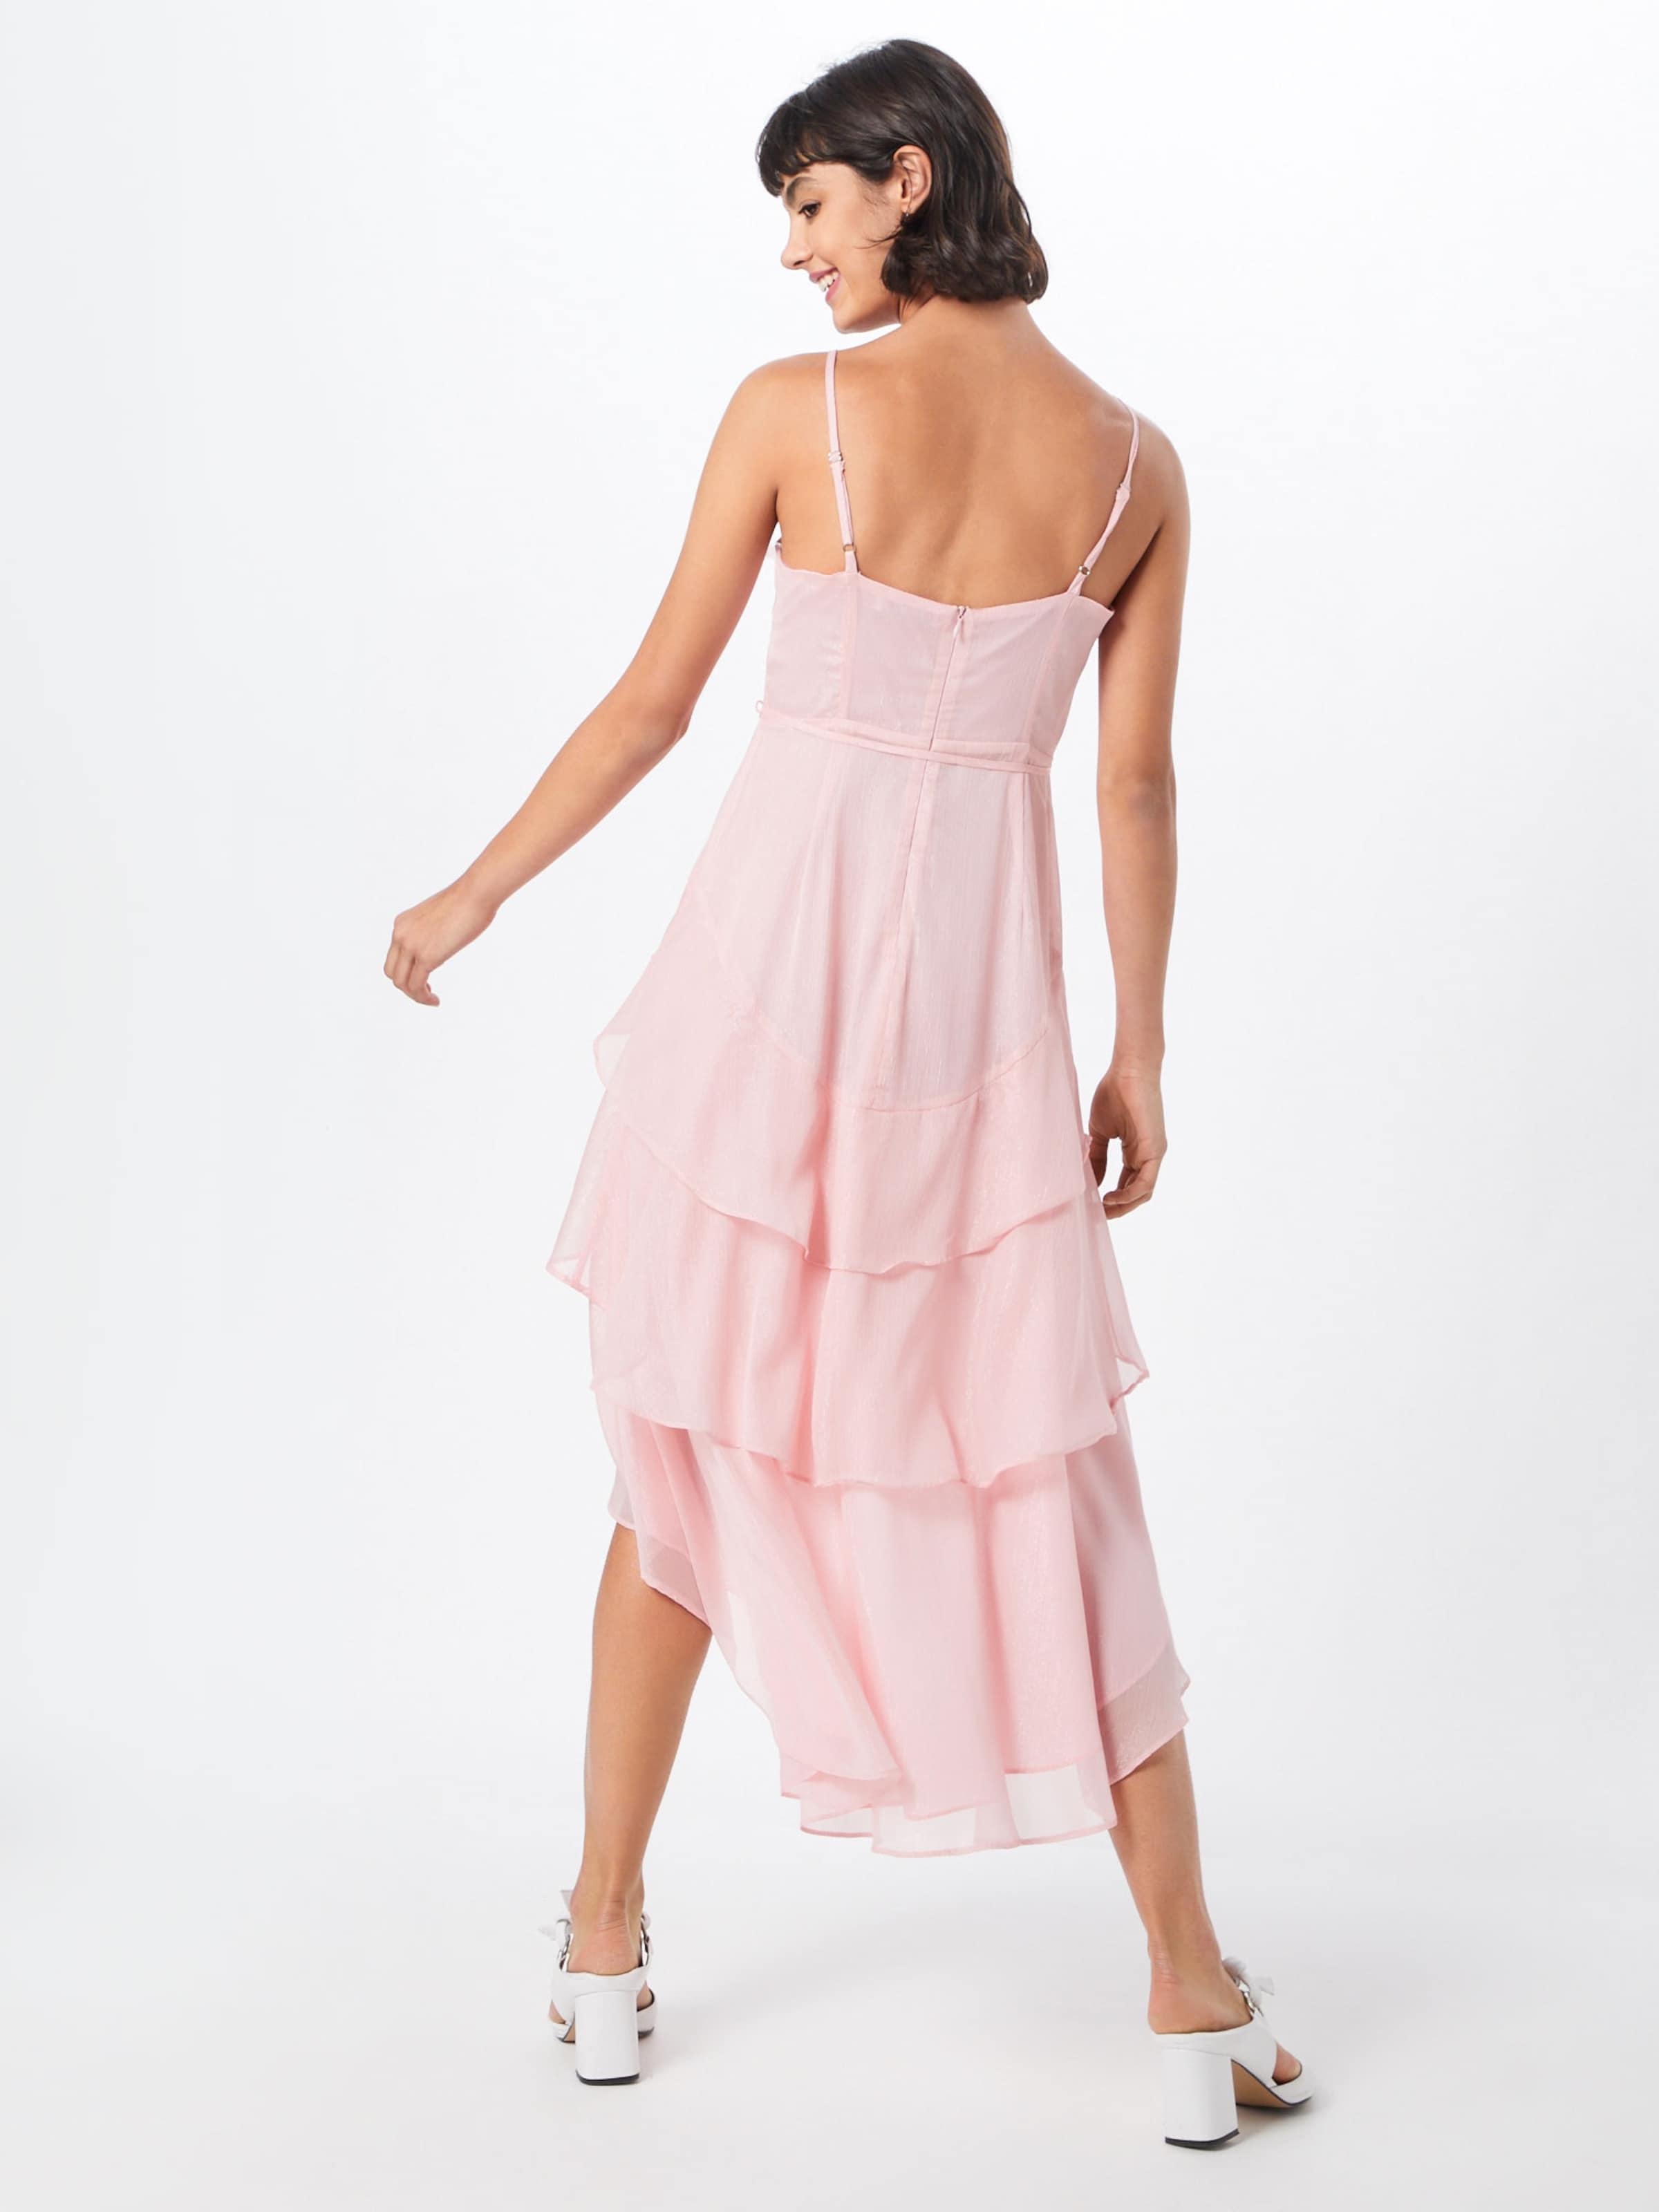 Glamorous 'gc0091' Rose 'gc0091' En Glamorous Robe En Robe Glamorous Rose Robe 'gc0091' b7gf6y